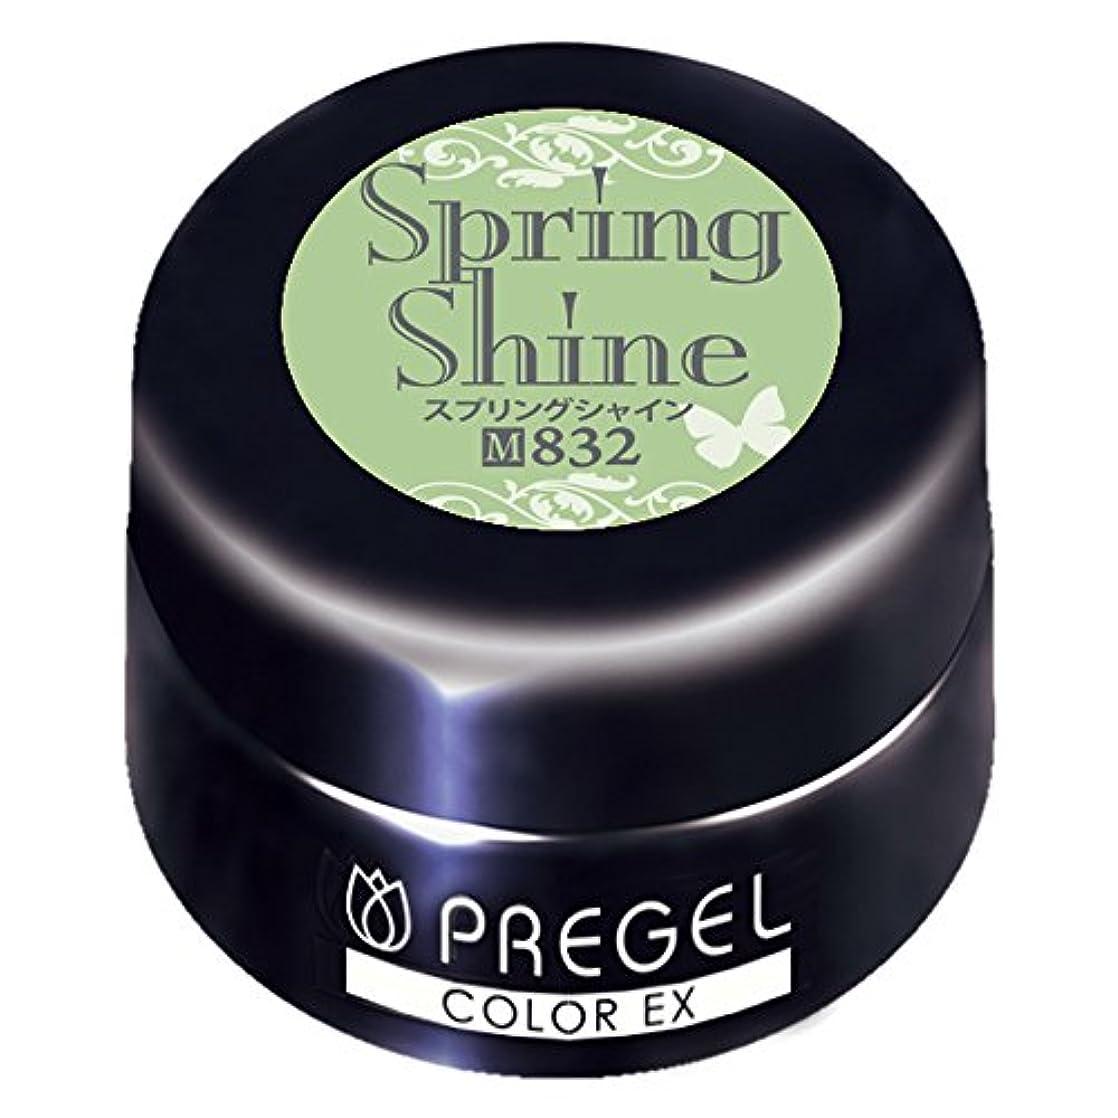 居眠りする学期枠PRE GEL カラーEX スプリングシャイン832 3g UV/LED対応